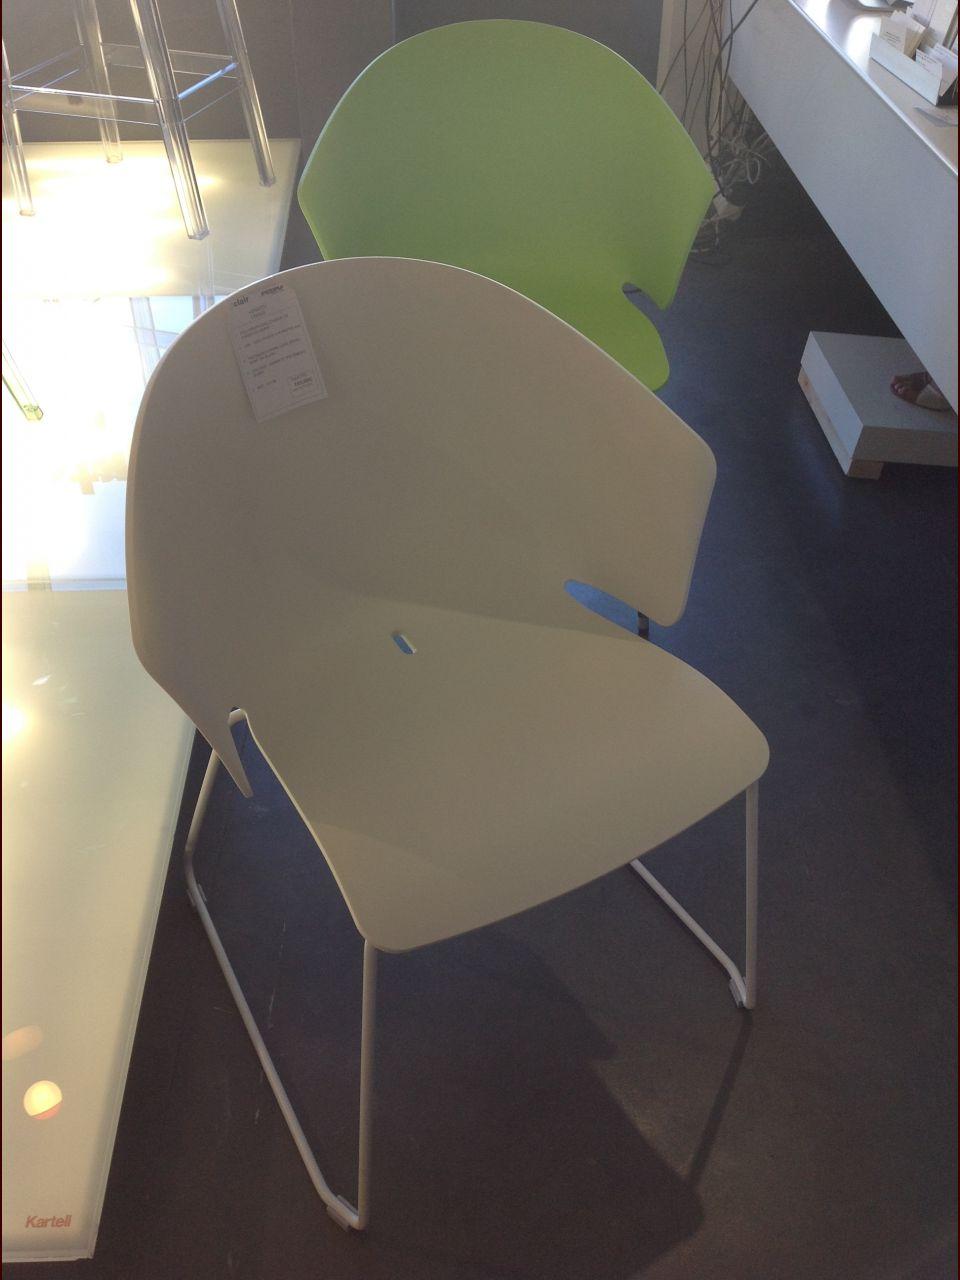 Nos chaises PEDRALLI commandées il y a 8 semaines sont arrivées.